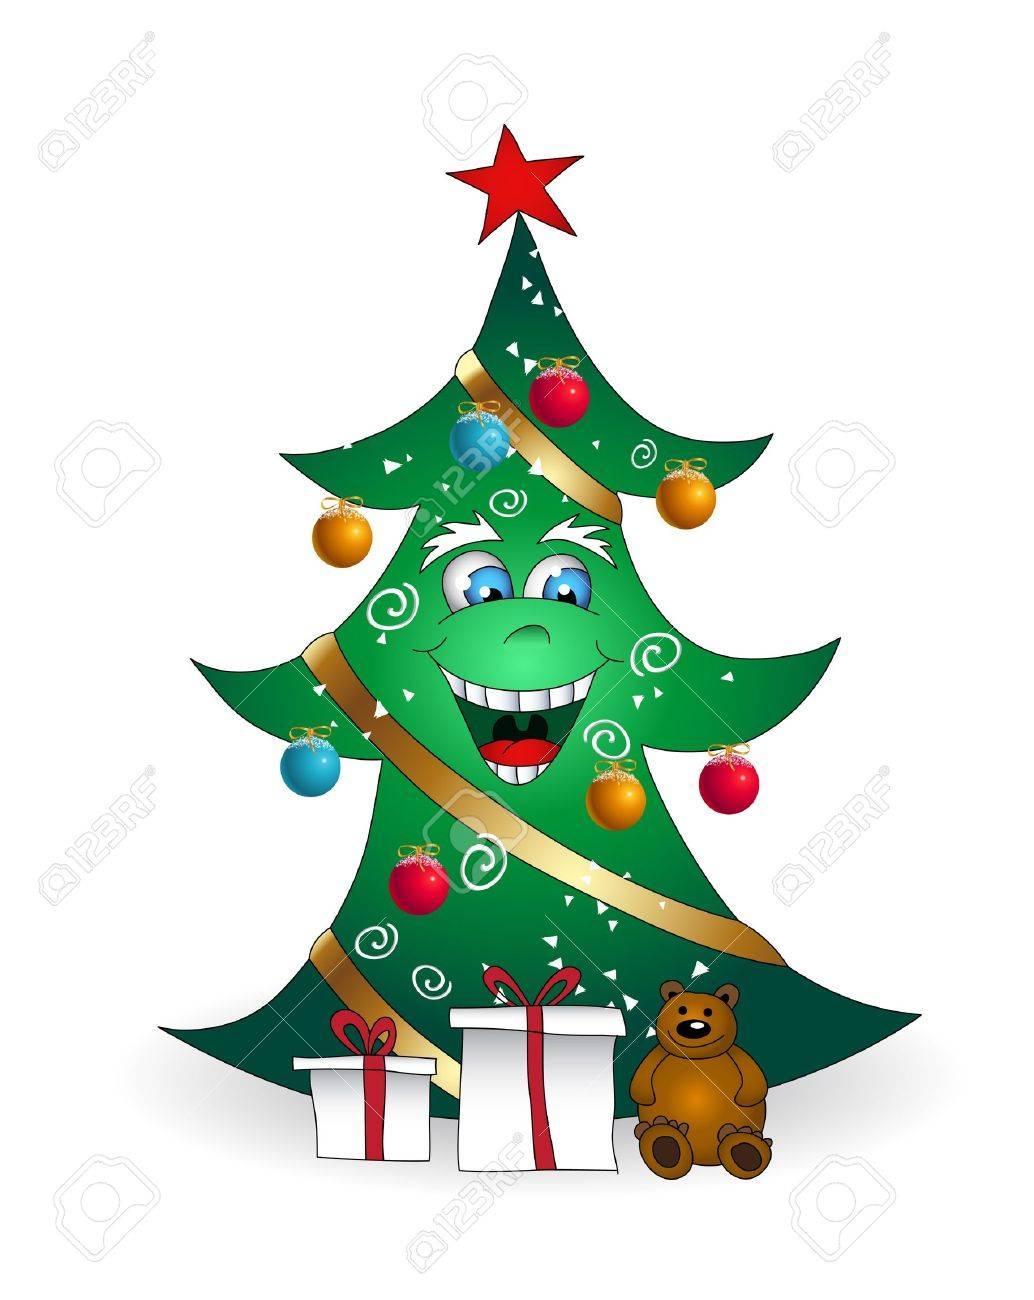 Dibujos Animados De Navidad Sonriente Ilustración Del árbol De ...